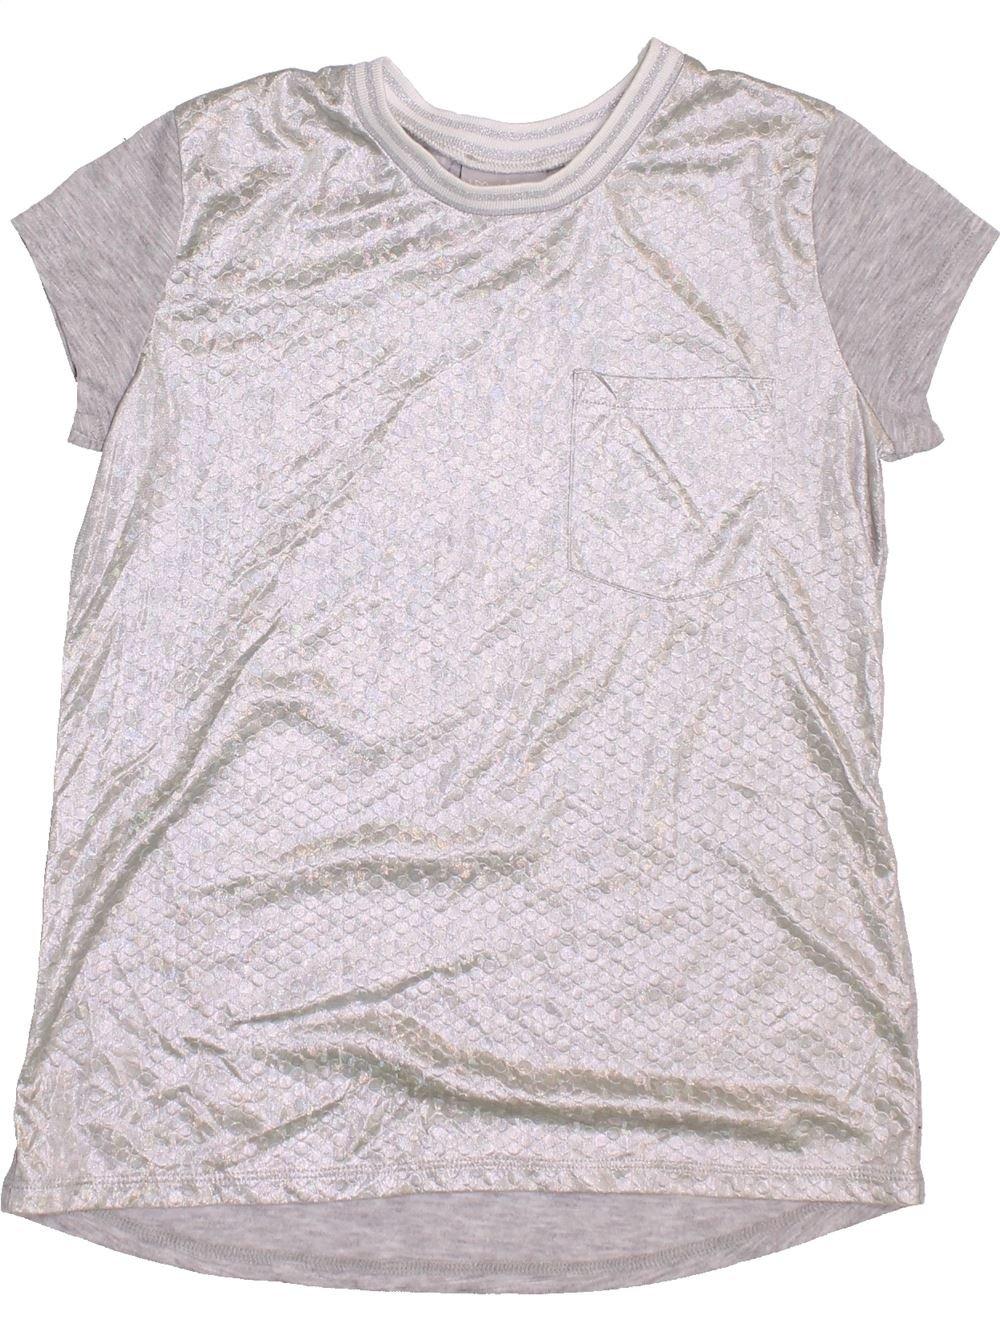 8a985d24eb935 T-shirt manches courtes blanc MATALAN du 10 ans pour Fille - 1364905